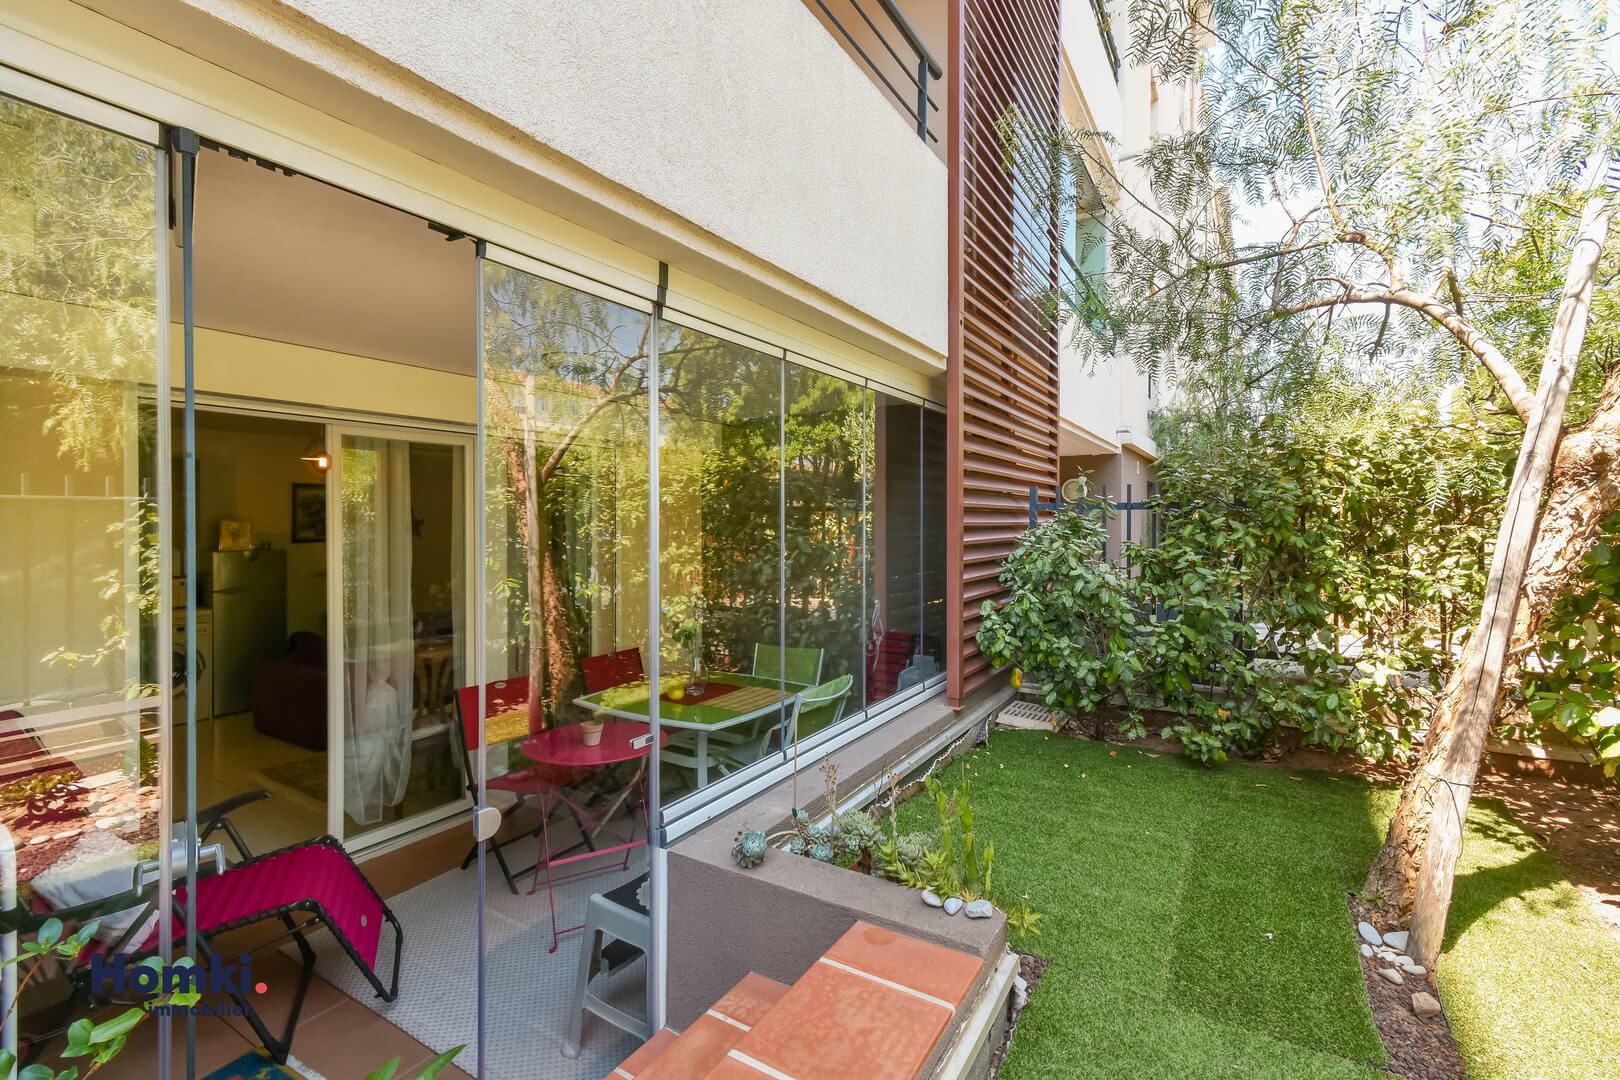 Vente appartement Saint Raphael T3 83700_1